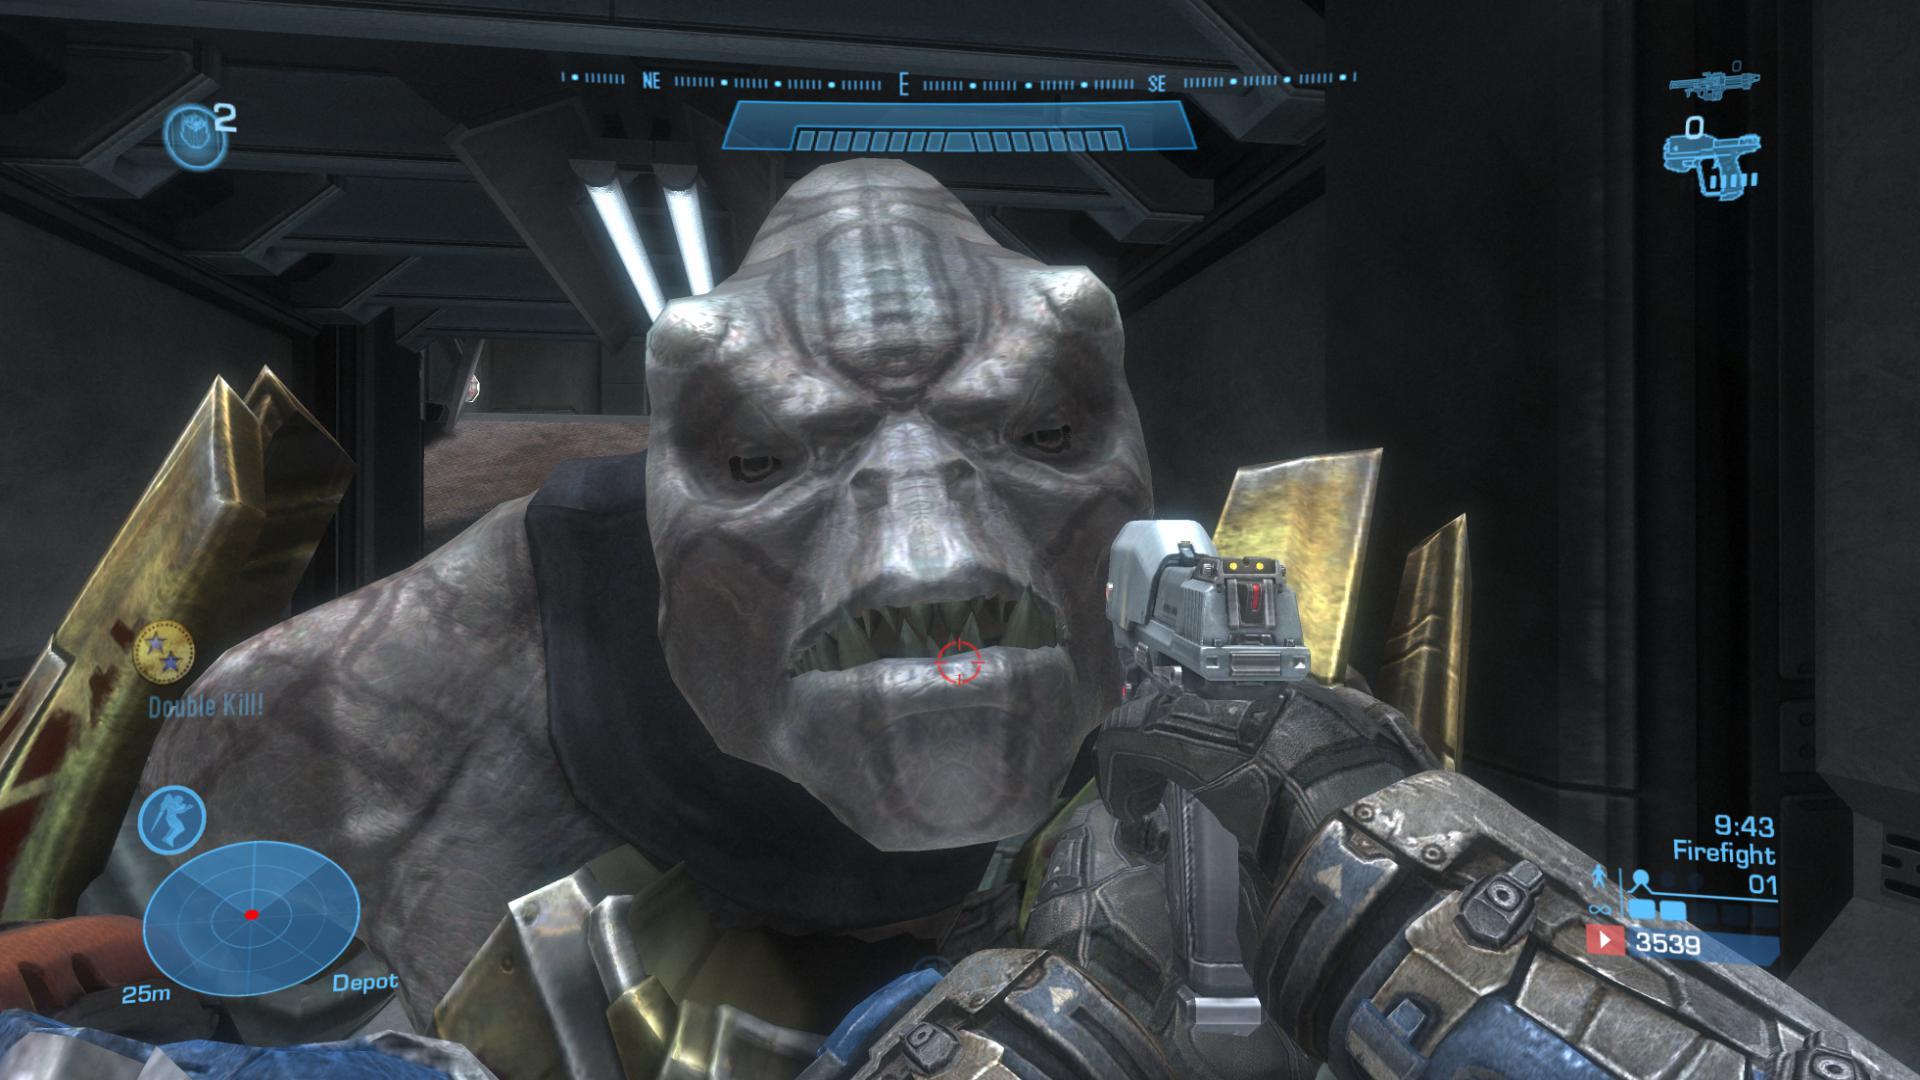 Leaked game screenshot